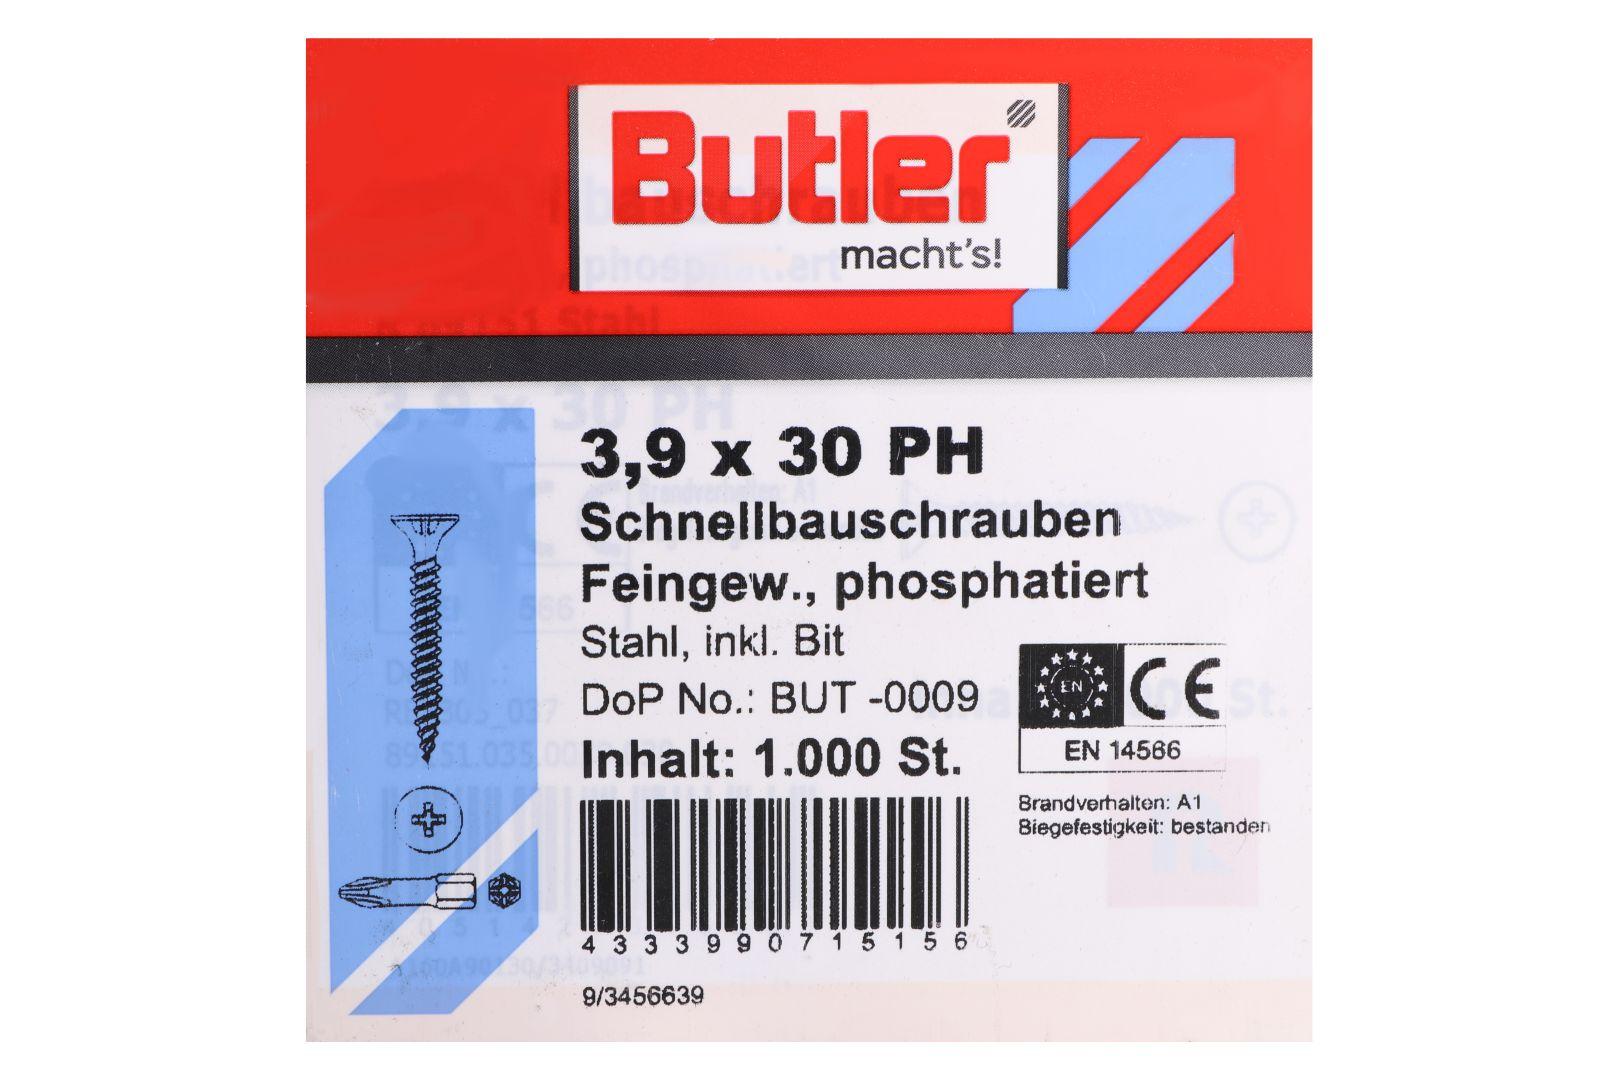 Butler macht's! Schnellbauschrauben inkl. Bit für Gipsplatten auf Metall bis 0,6 mm, Feingewinde, PH2, 3,9 x 30 mm, 1.000 Stück